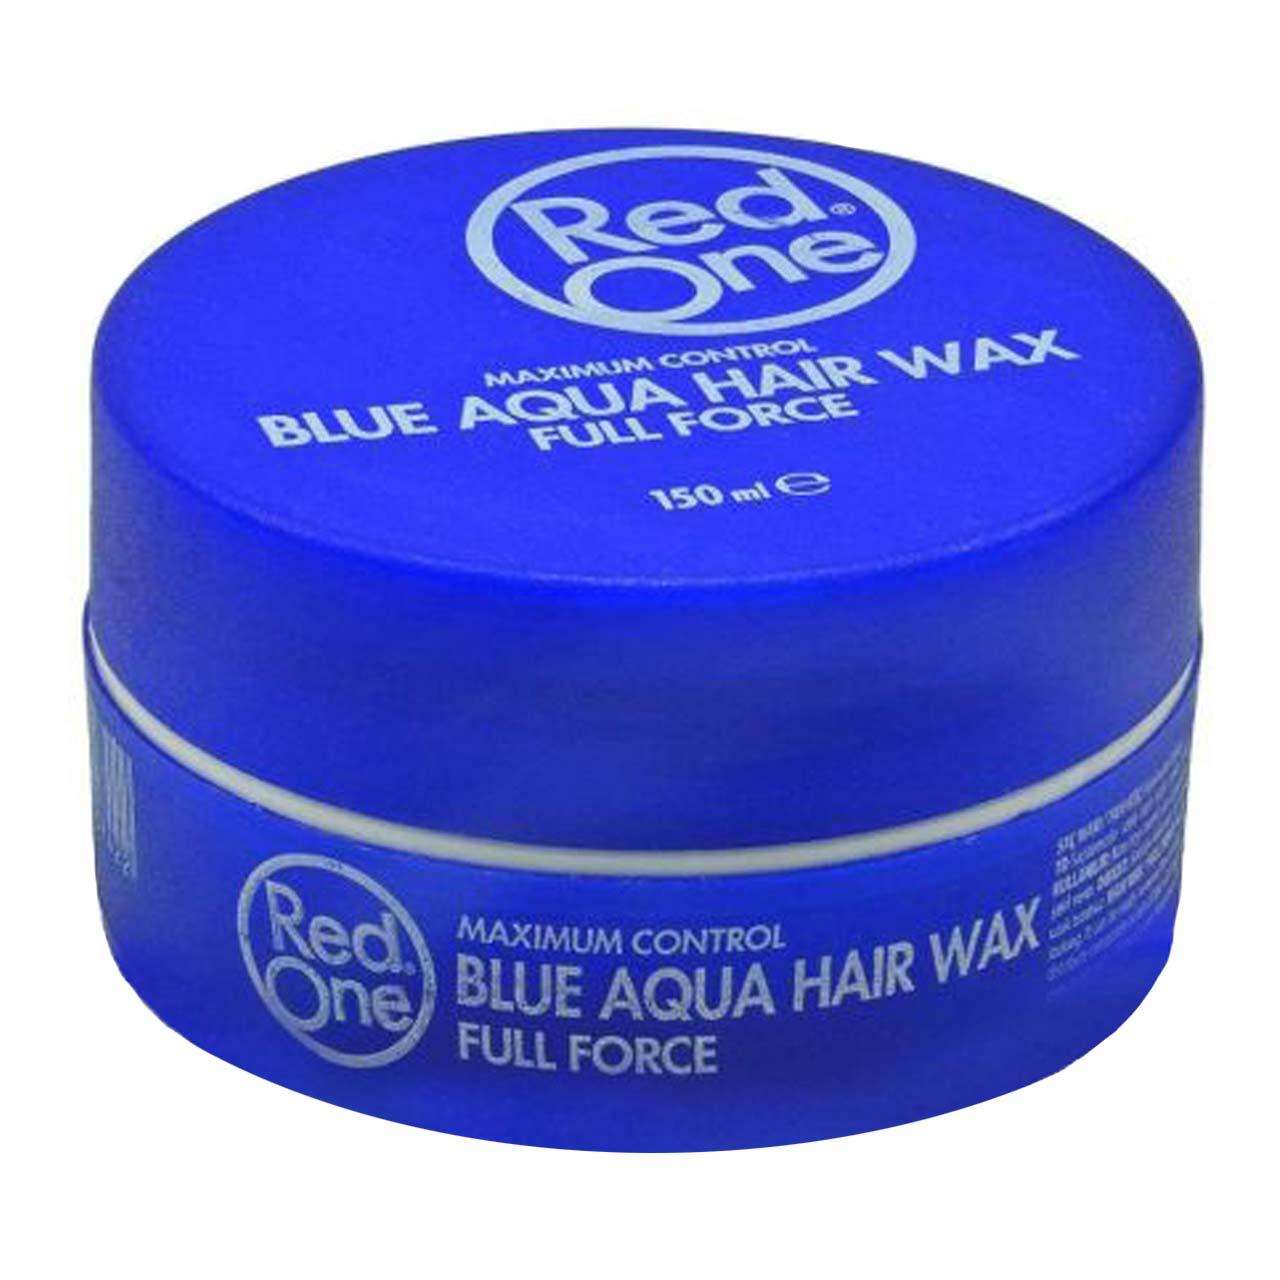 واکس مو ردوان مدل blue aqua حجم 150 میلی لیتر